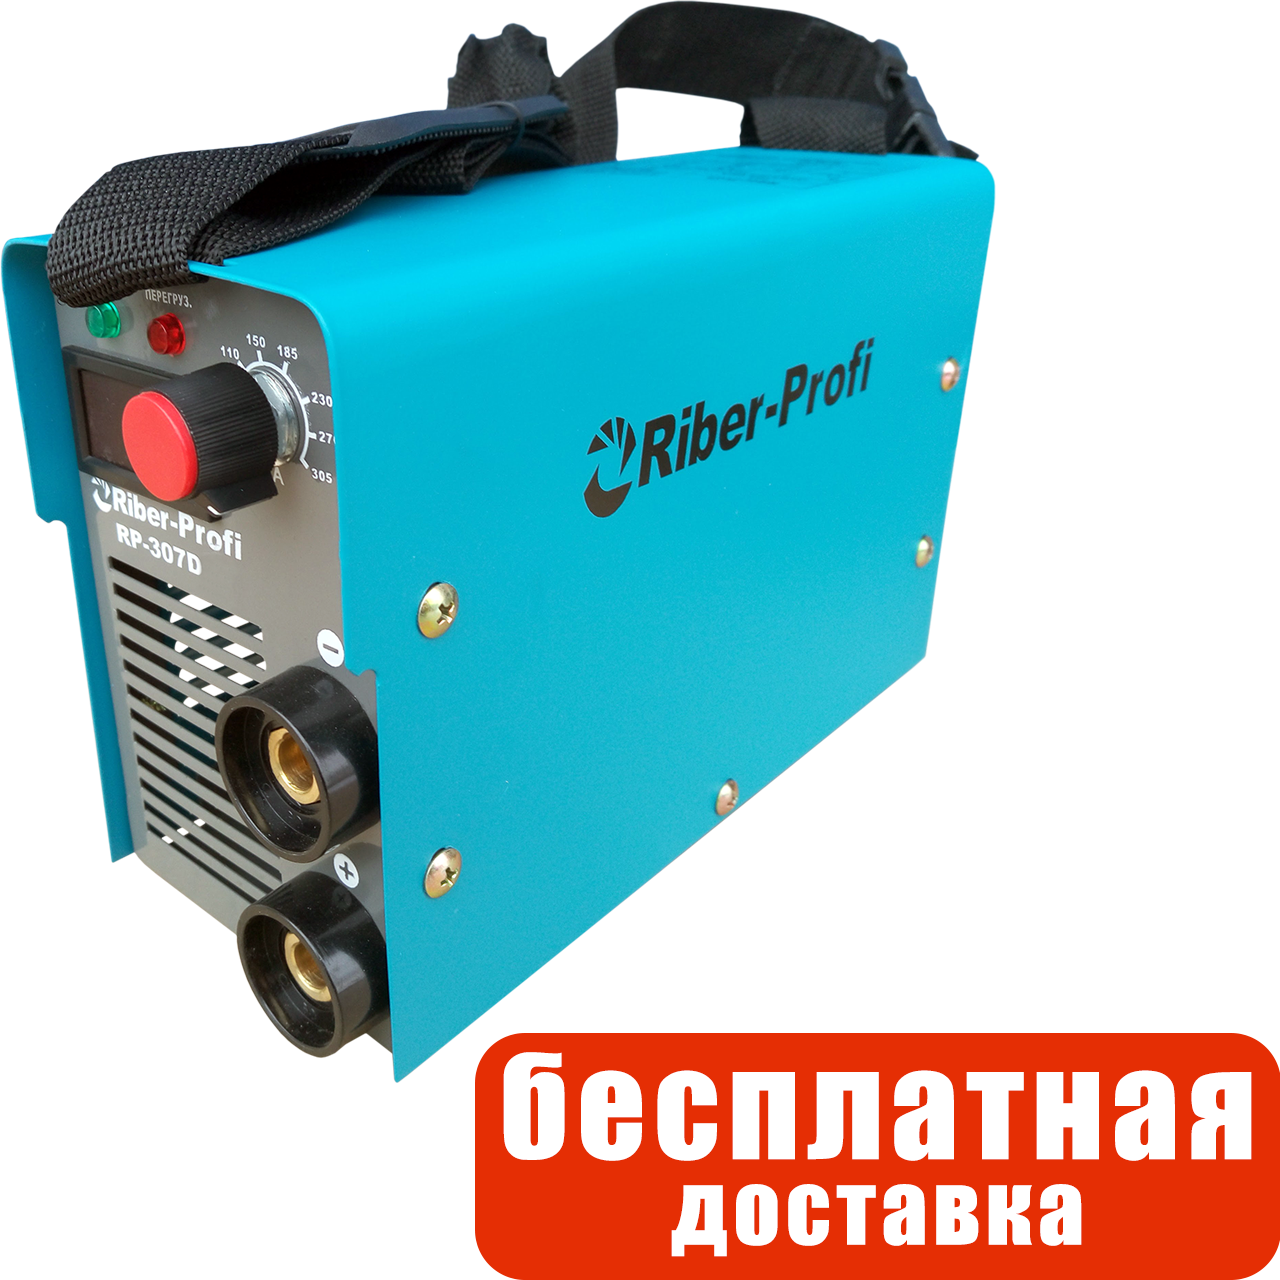 Сварочный инвертор MMA / РДС, 305 А, IGBT, Riber RP-307D, LED-экран